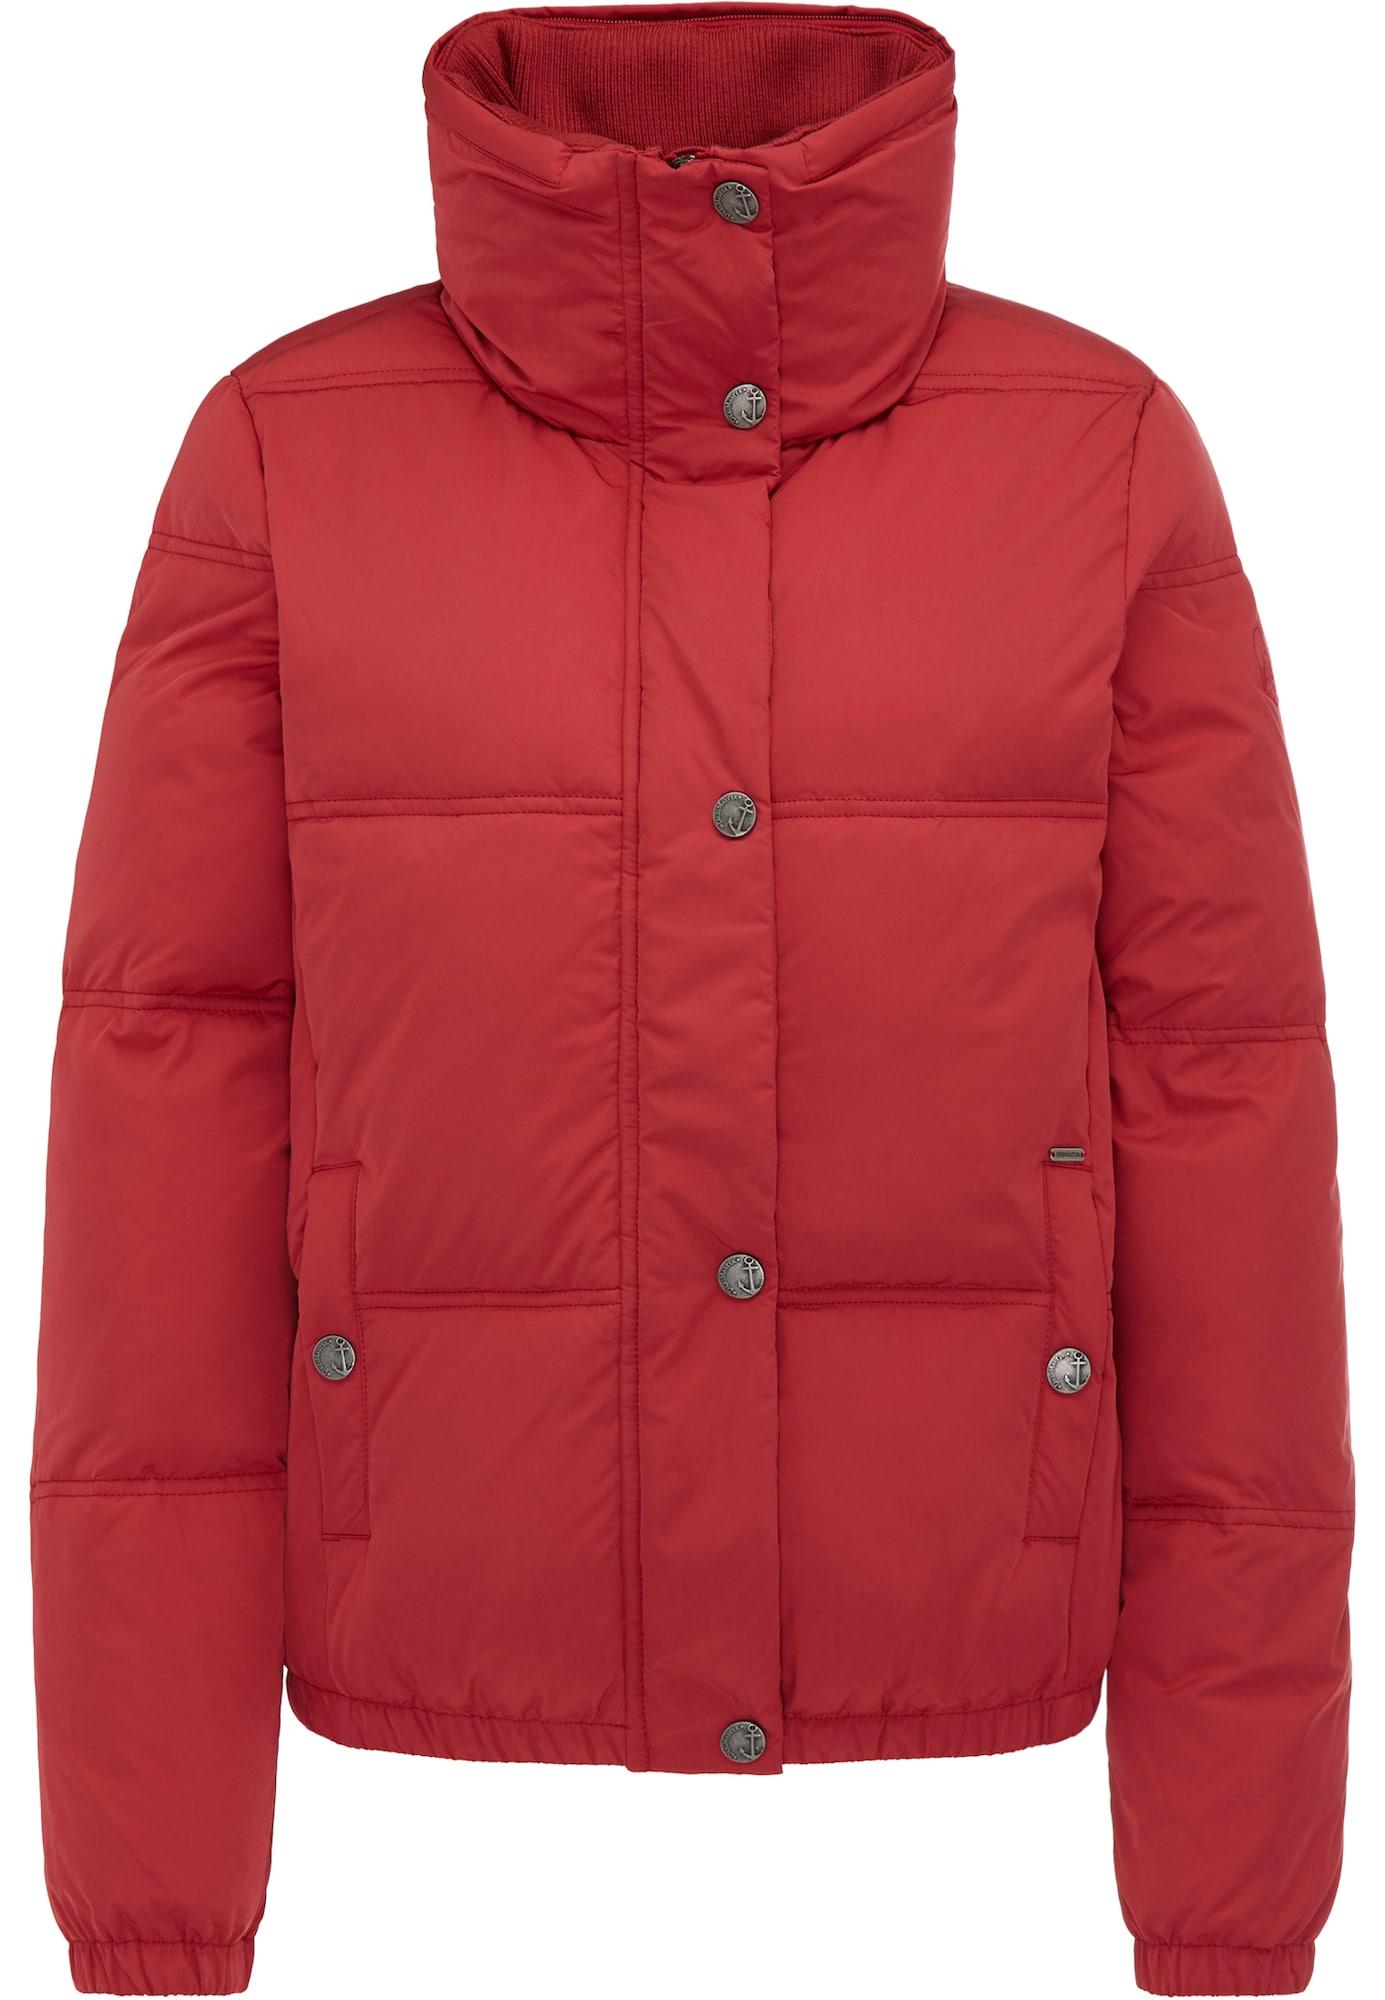 123eaad1b1d5d5 Dames winterjassen online kopen